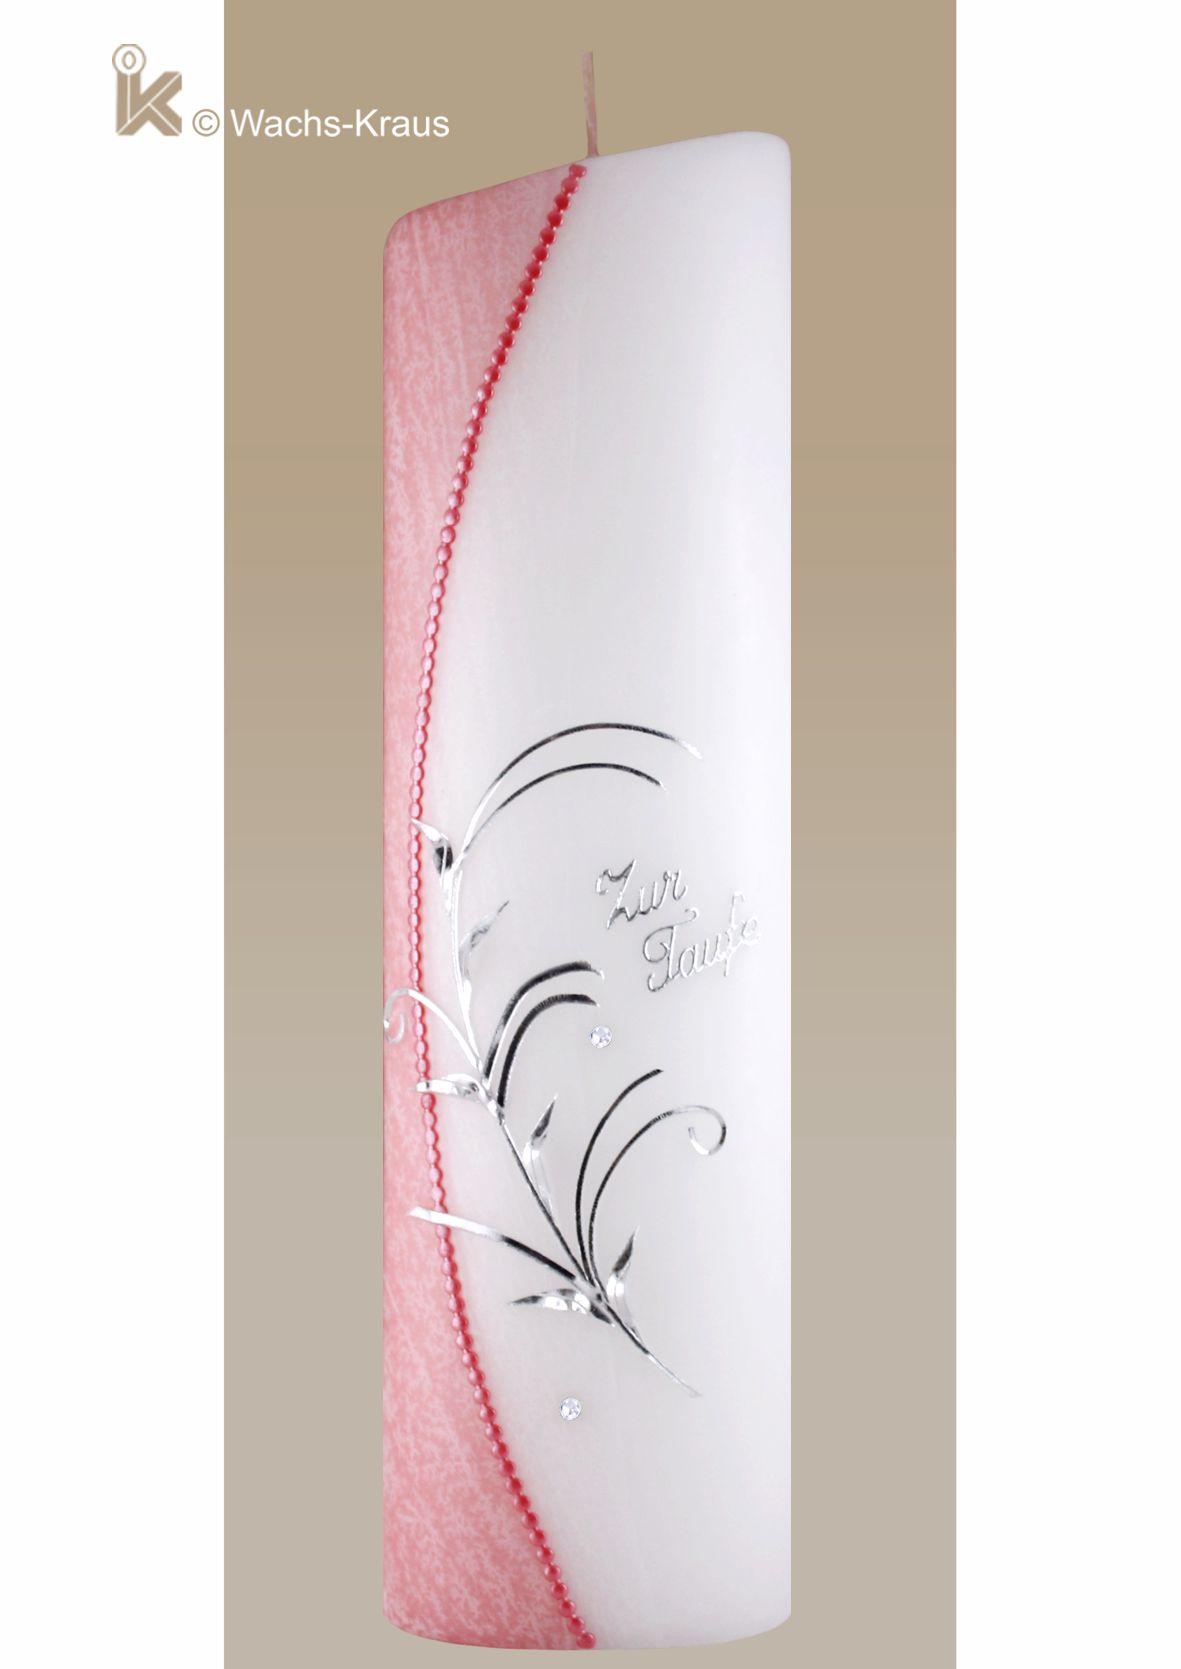 Wenn Sie eine besondere Taufkerze für Ihr Mädchen suchen. Taufkerze moderne Form mit flüssigem rosafarbenem Wachs überzogen.